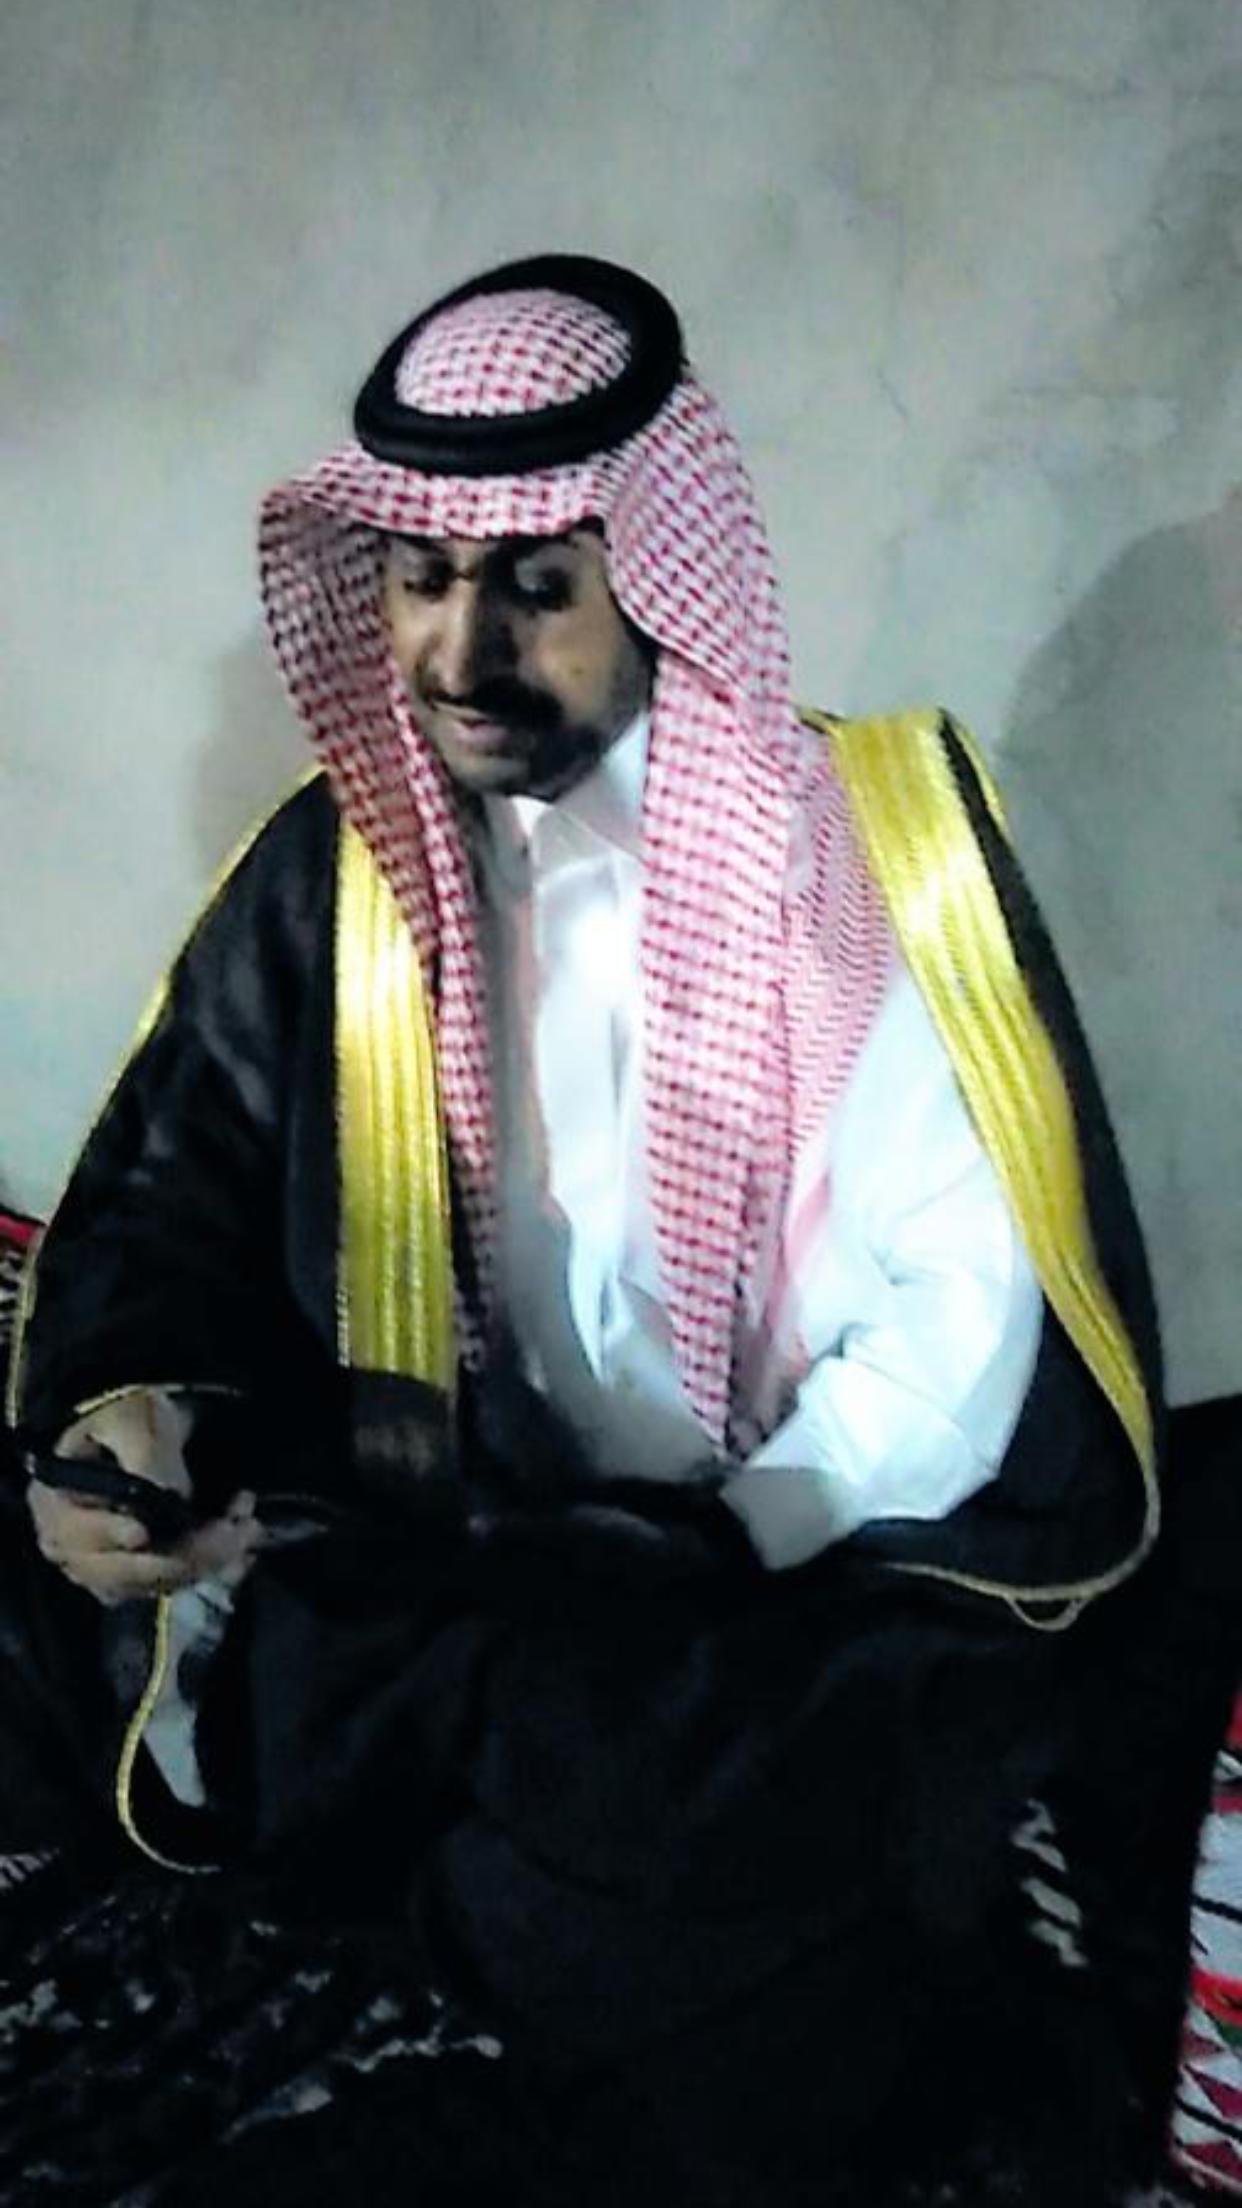 الشاب / حمدان فرج الجحم البلوي يحتفل بزواجه B2799ED5 E1FF 4EA4 913B 90D2C5EADD86